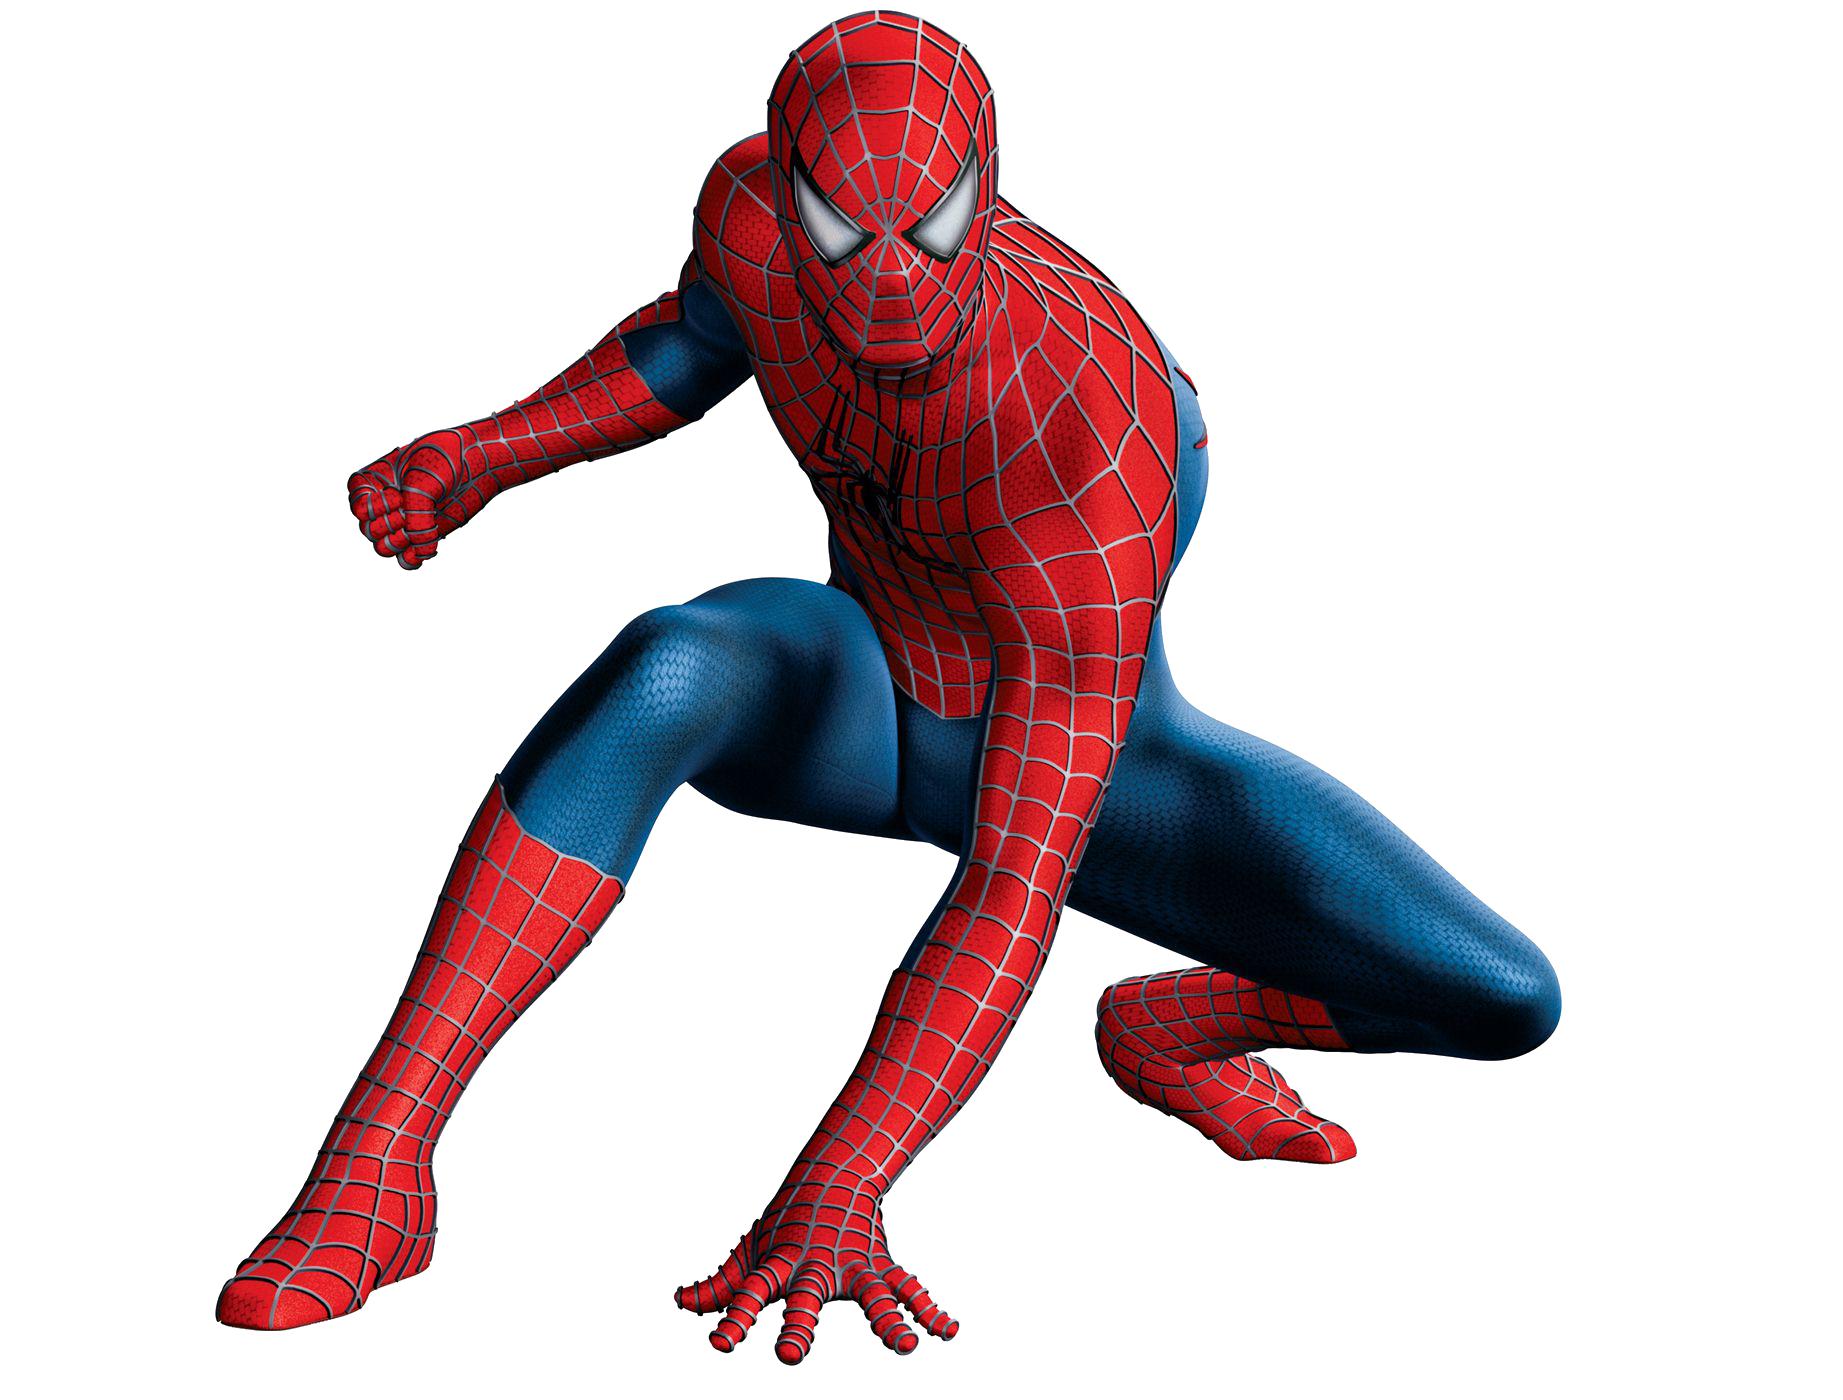 Spider-Man PNG File - Spider-Man PNG